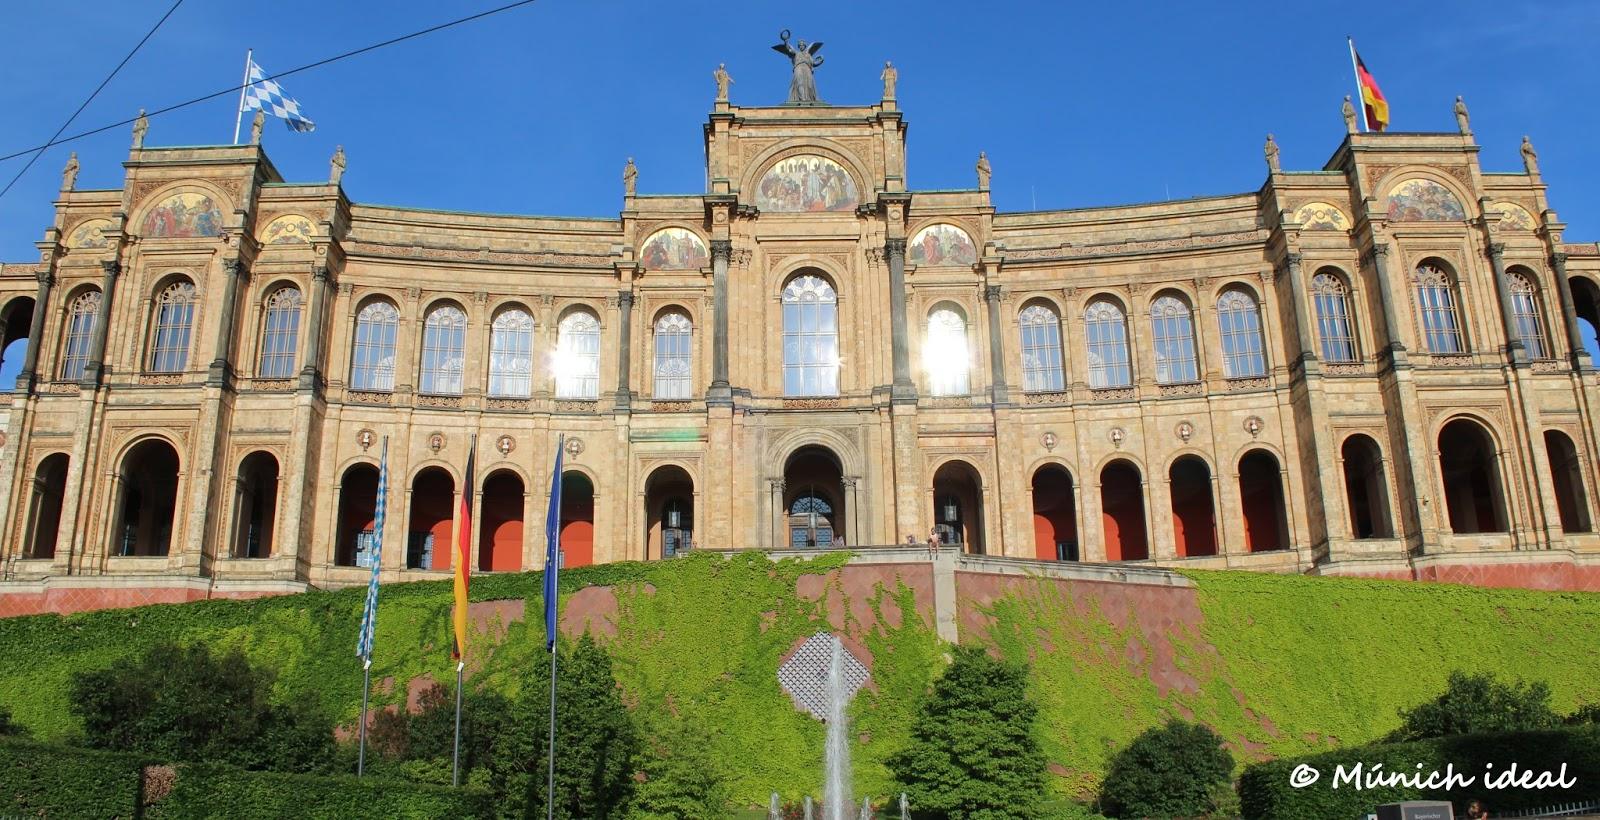 Maximilianeum sede del parlamento de baviera y hogar de for Sede del parlamento